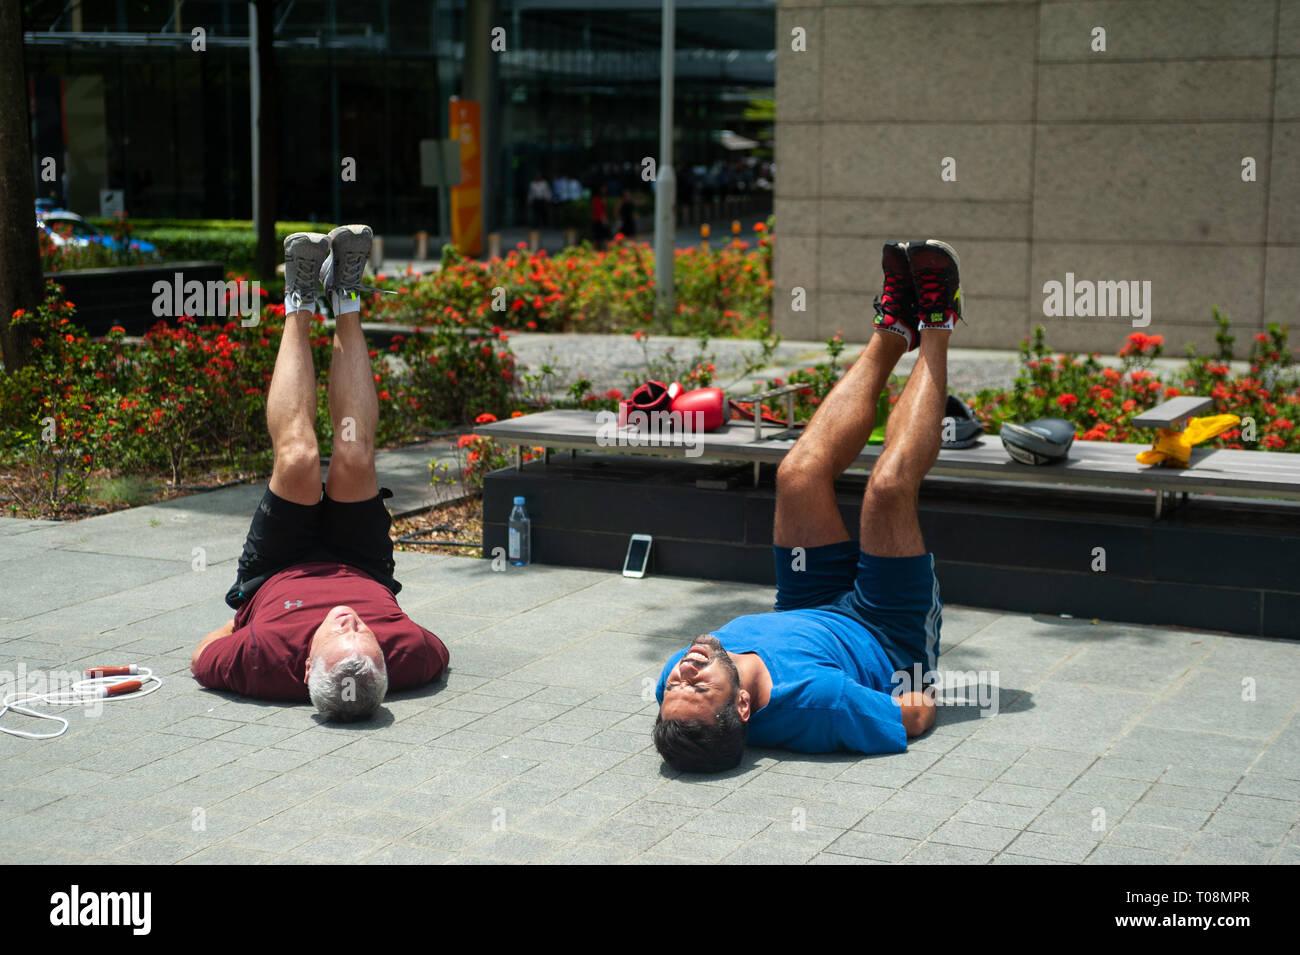 18.04.2018, Singapore, Singapur, Singapur - Dos hombres mantenerse en forma durante su descanso de almuerzo en el distrito de negocios, con circuitos de entrenamiento. 0SL180418D023C Imagen De Stock